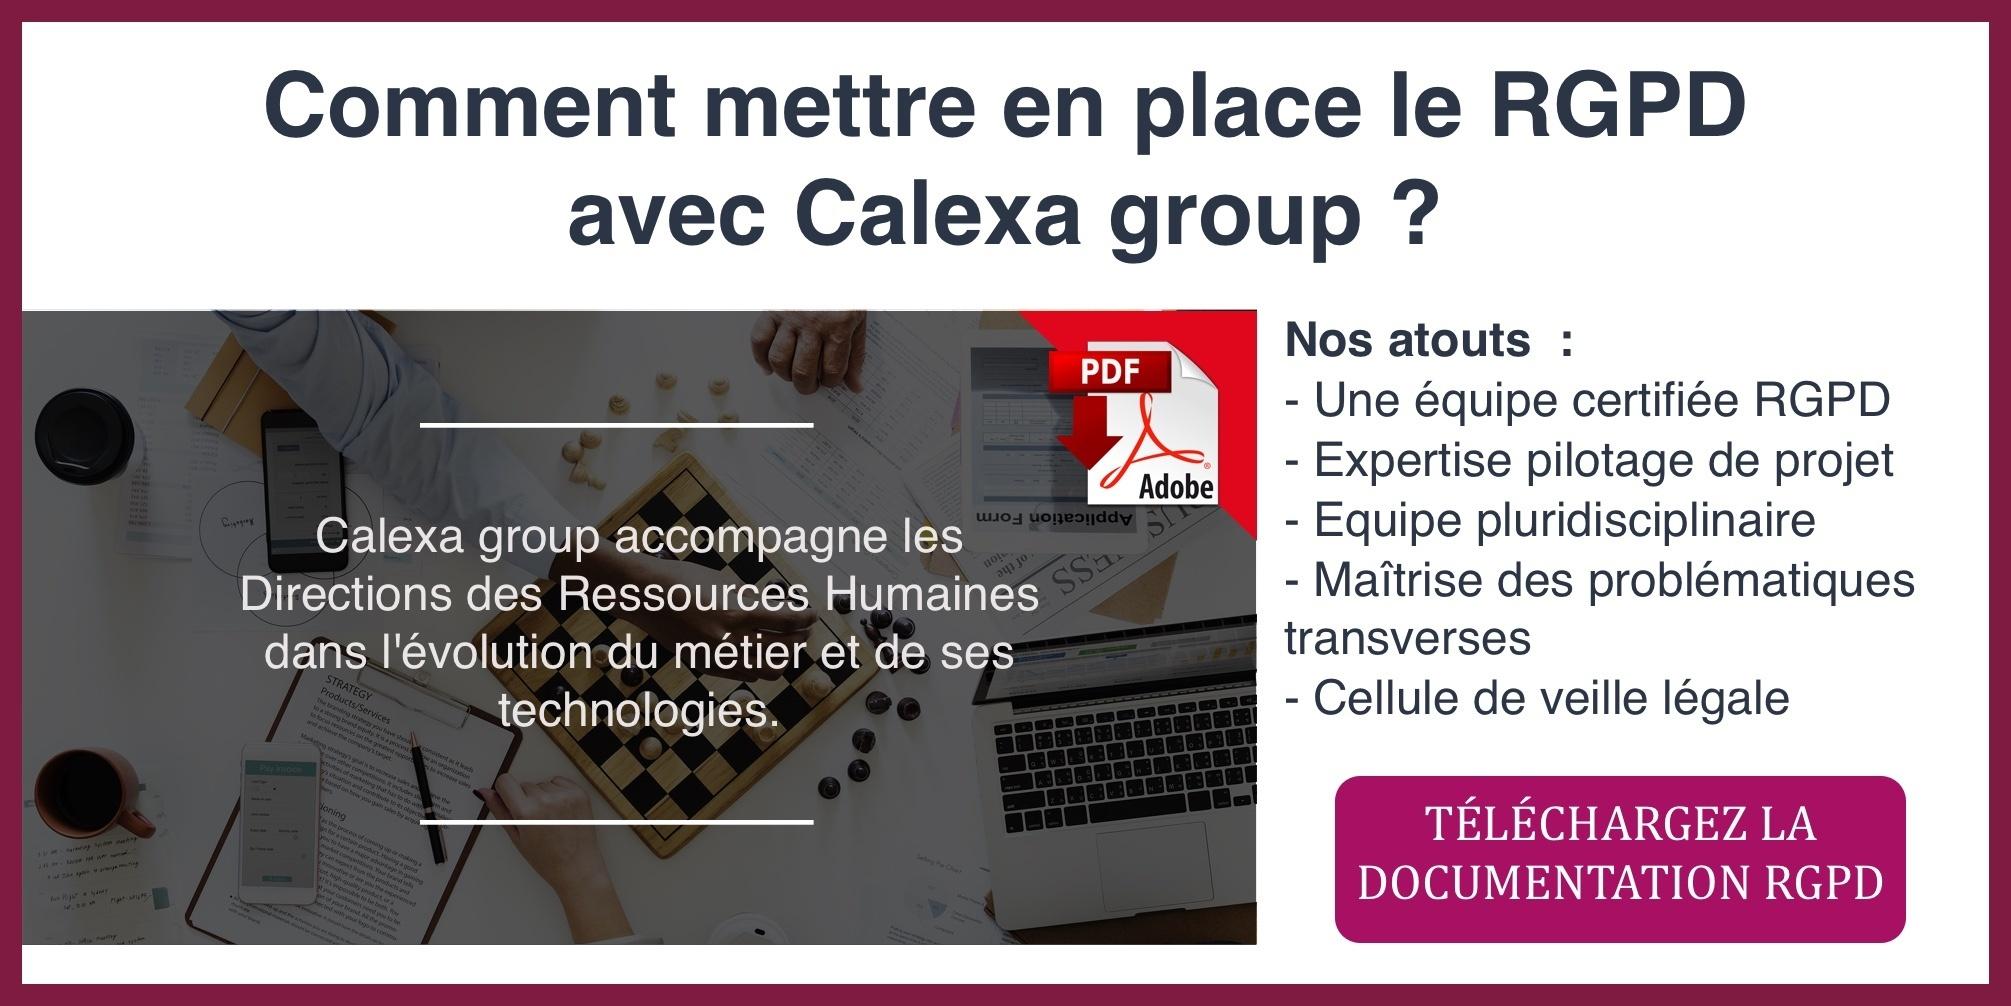 Comment se mettre en conformité RGPD avec l'aide de Calexa group ?